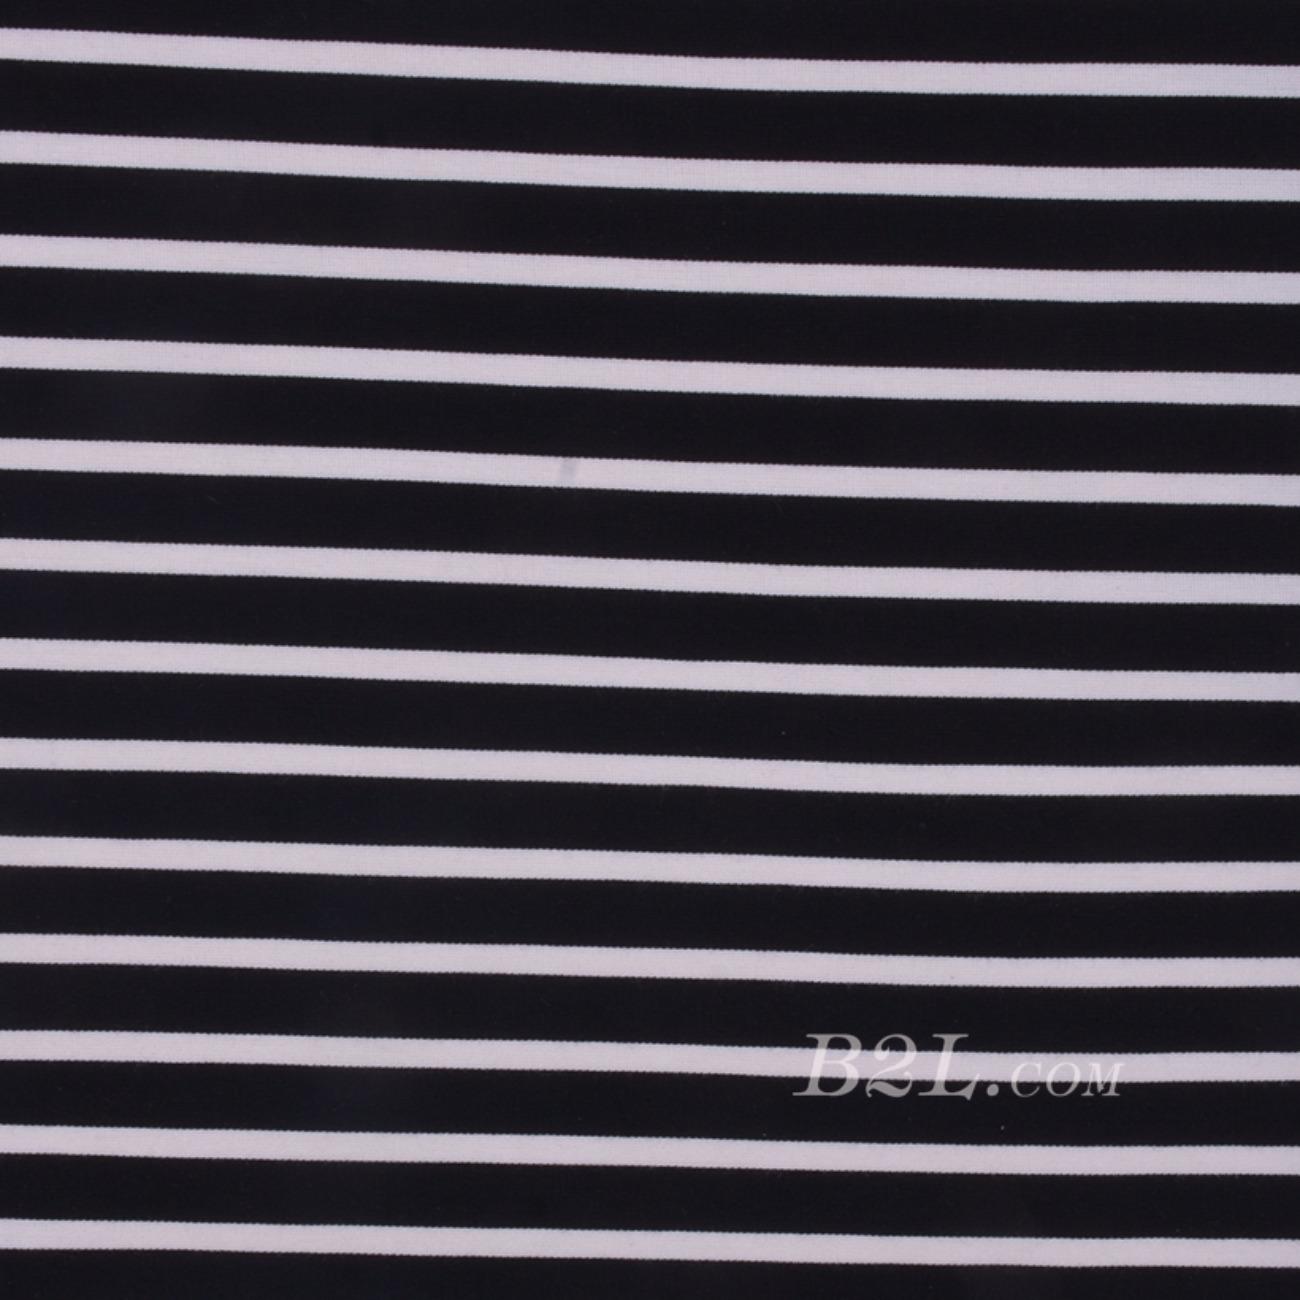 现货 条子 横条 圆机 针织 纬编 T恤 针织衫 连衣裙 棉感 弹力 60312-22